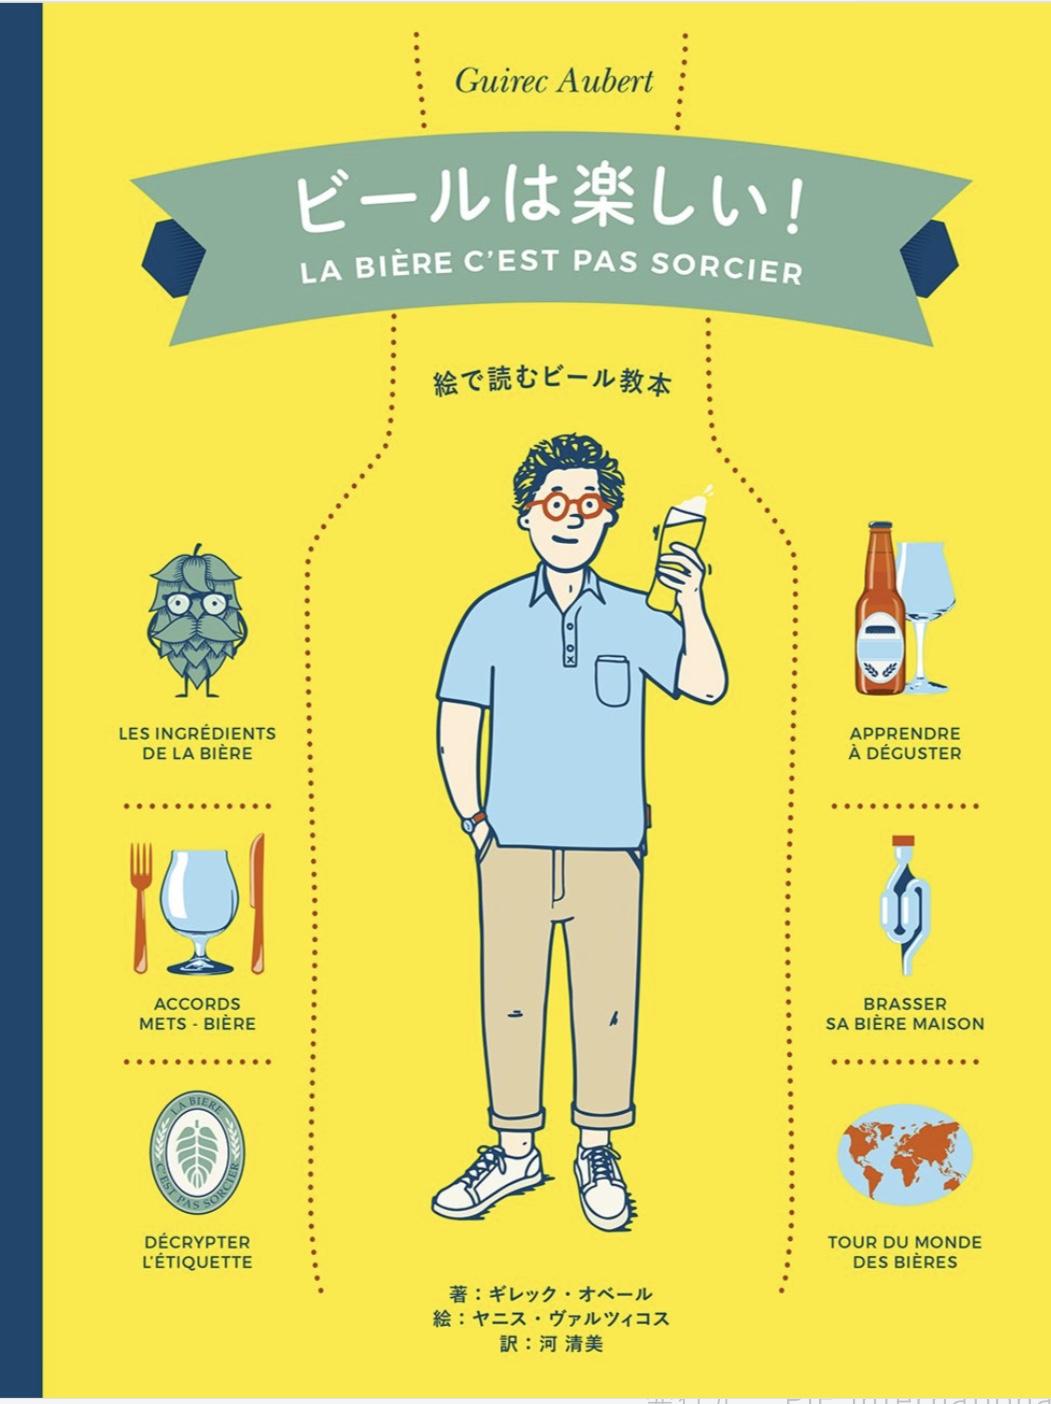 ビールは楽しい!